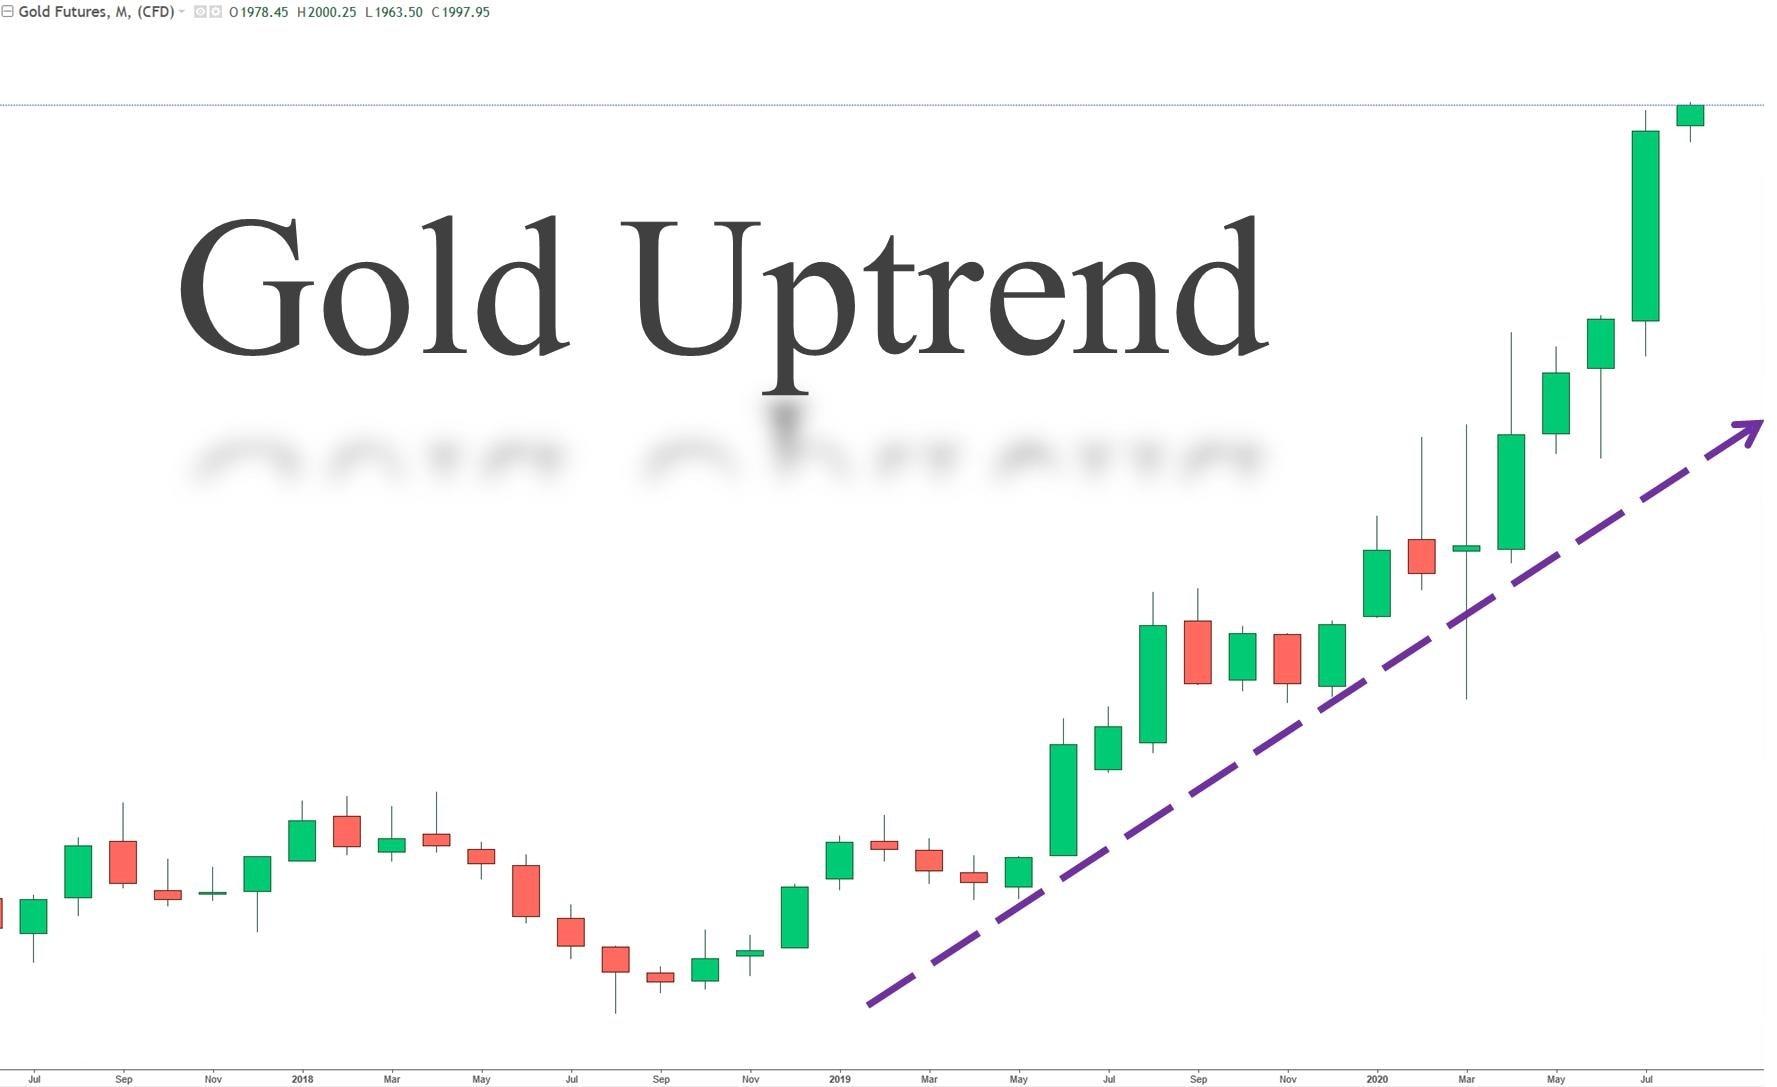 Giá vàng đang trong Uptrend